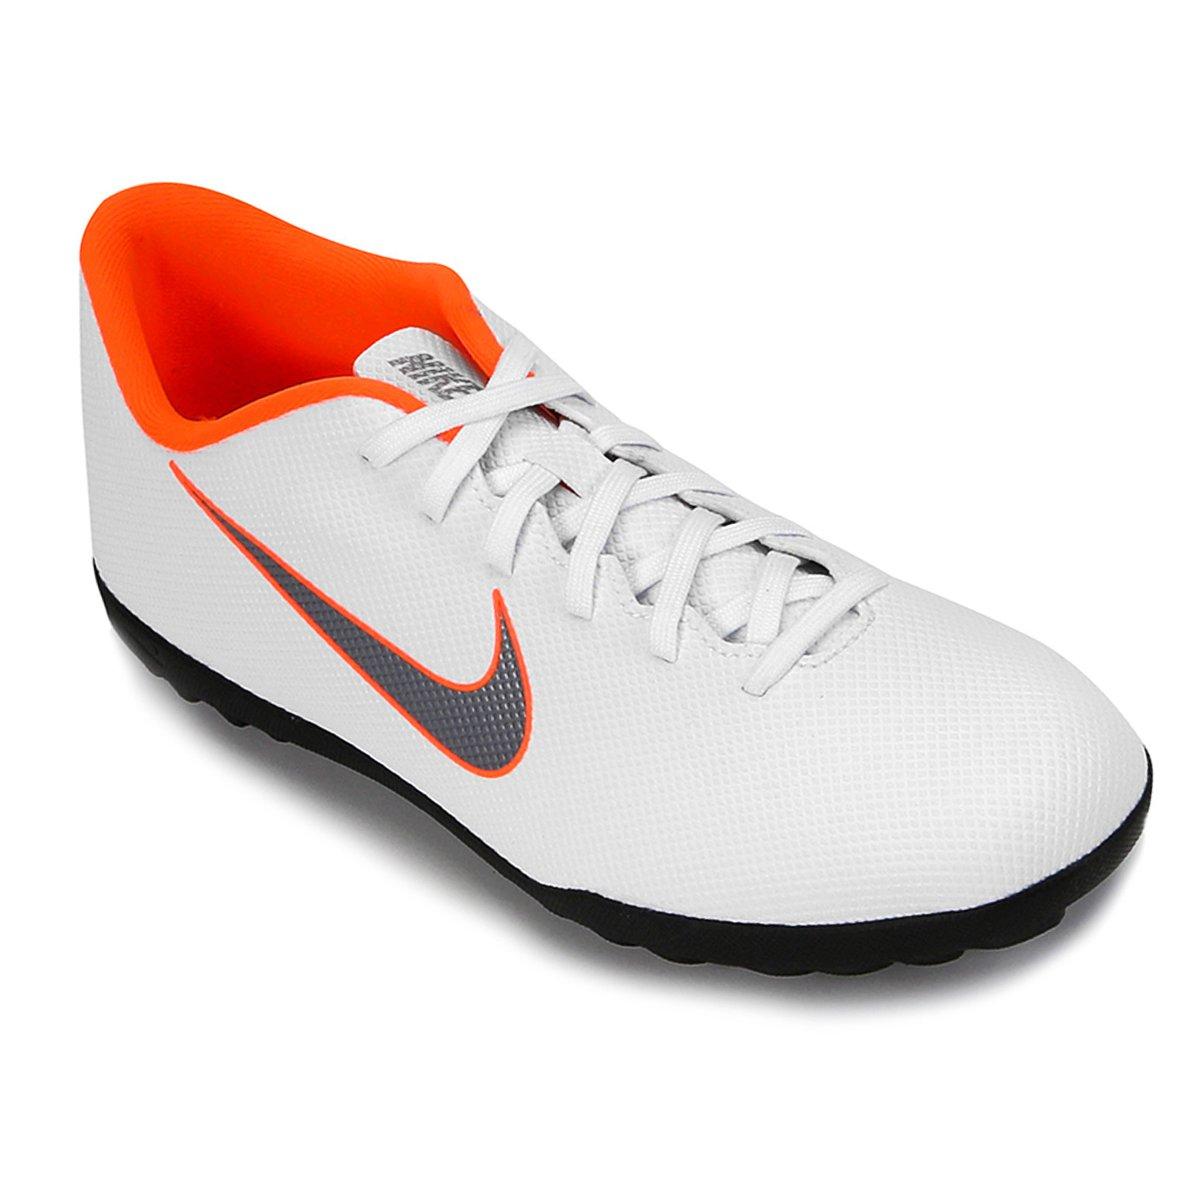 51a266bbe8feb Chuteira Nike Society Mercurial Vapor 12 Club - Branco e Cinza - Compre  Agora